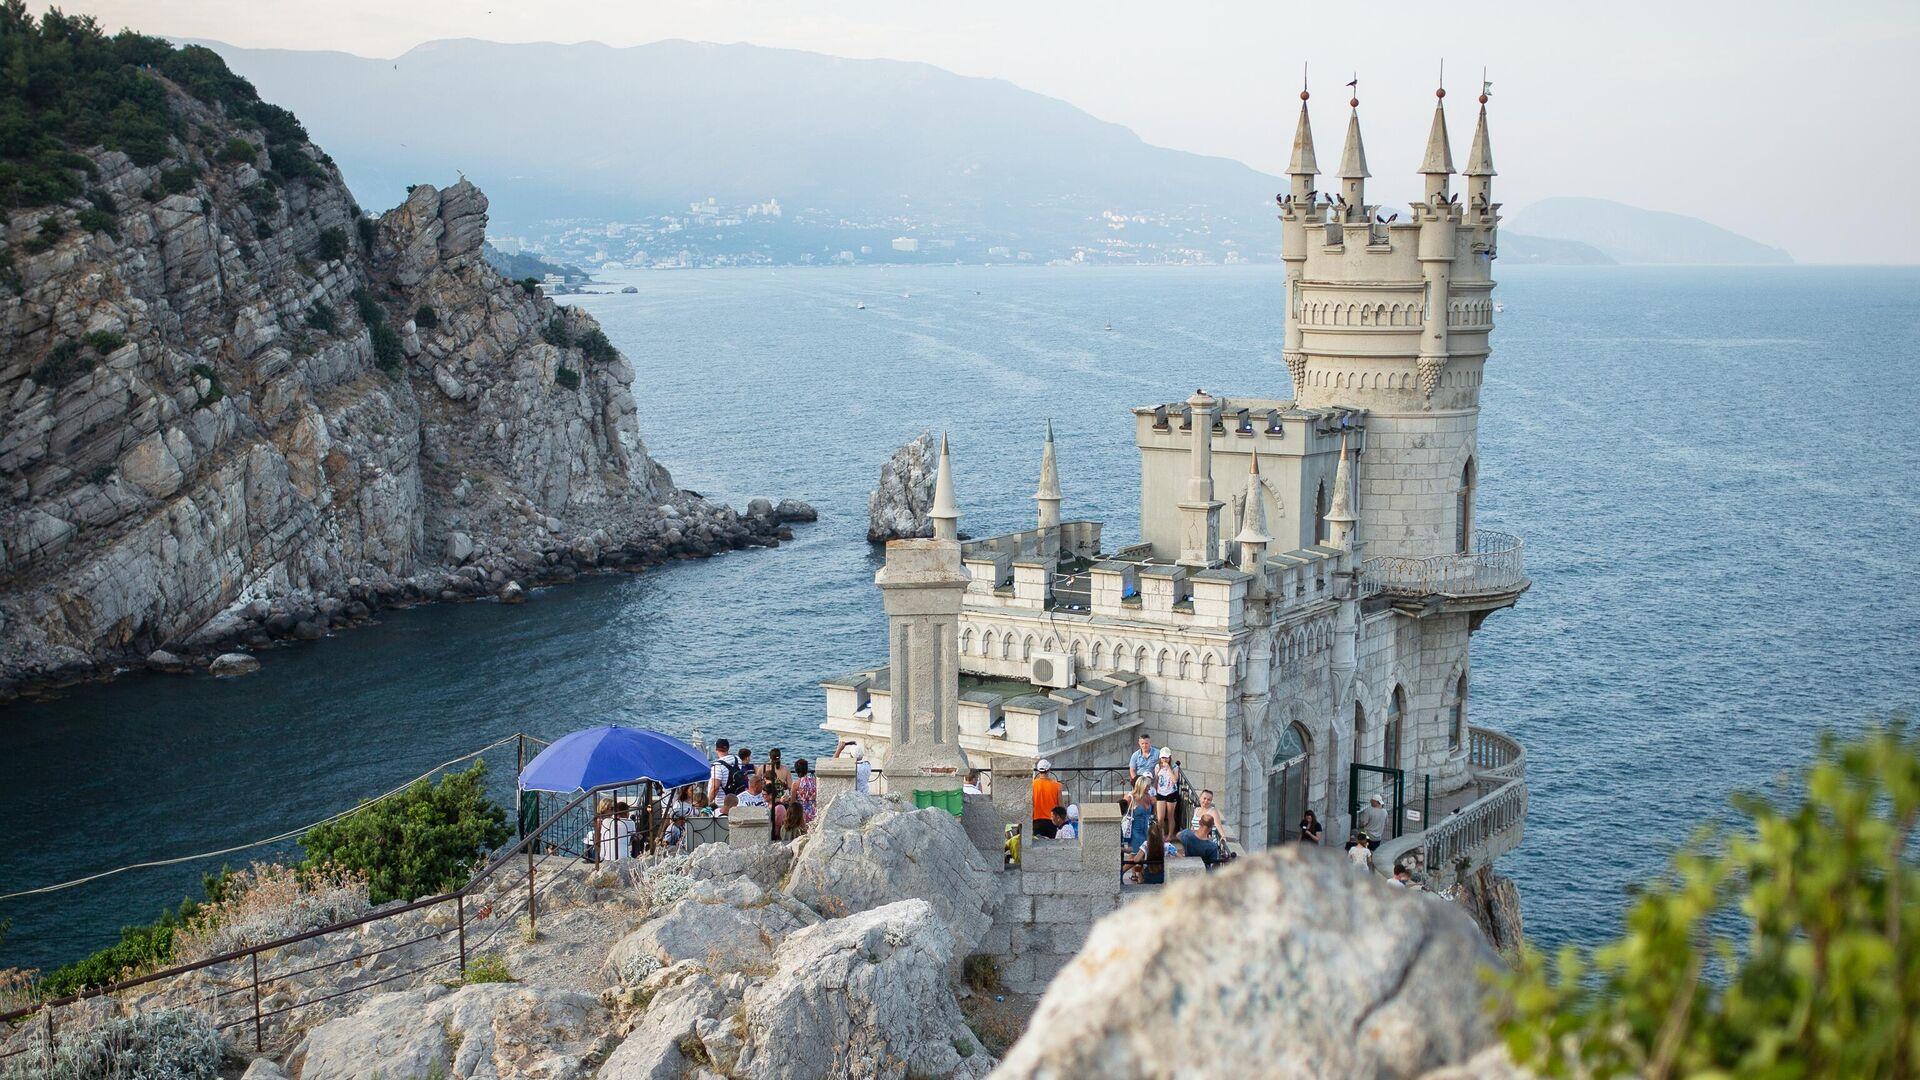 Замок Ласточкино гнездо на береговой скале в поселке Гаспра в Крыму - РИА Новости, 1920, 26.02.2020